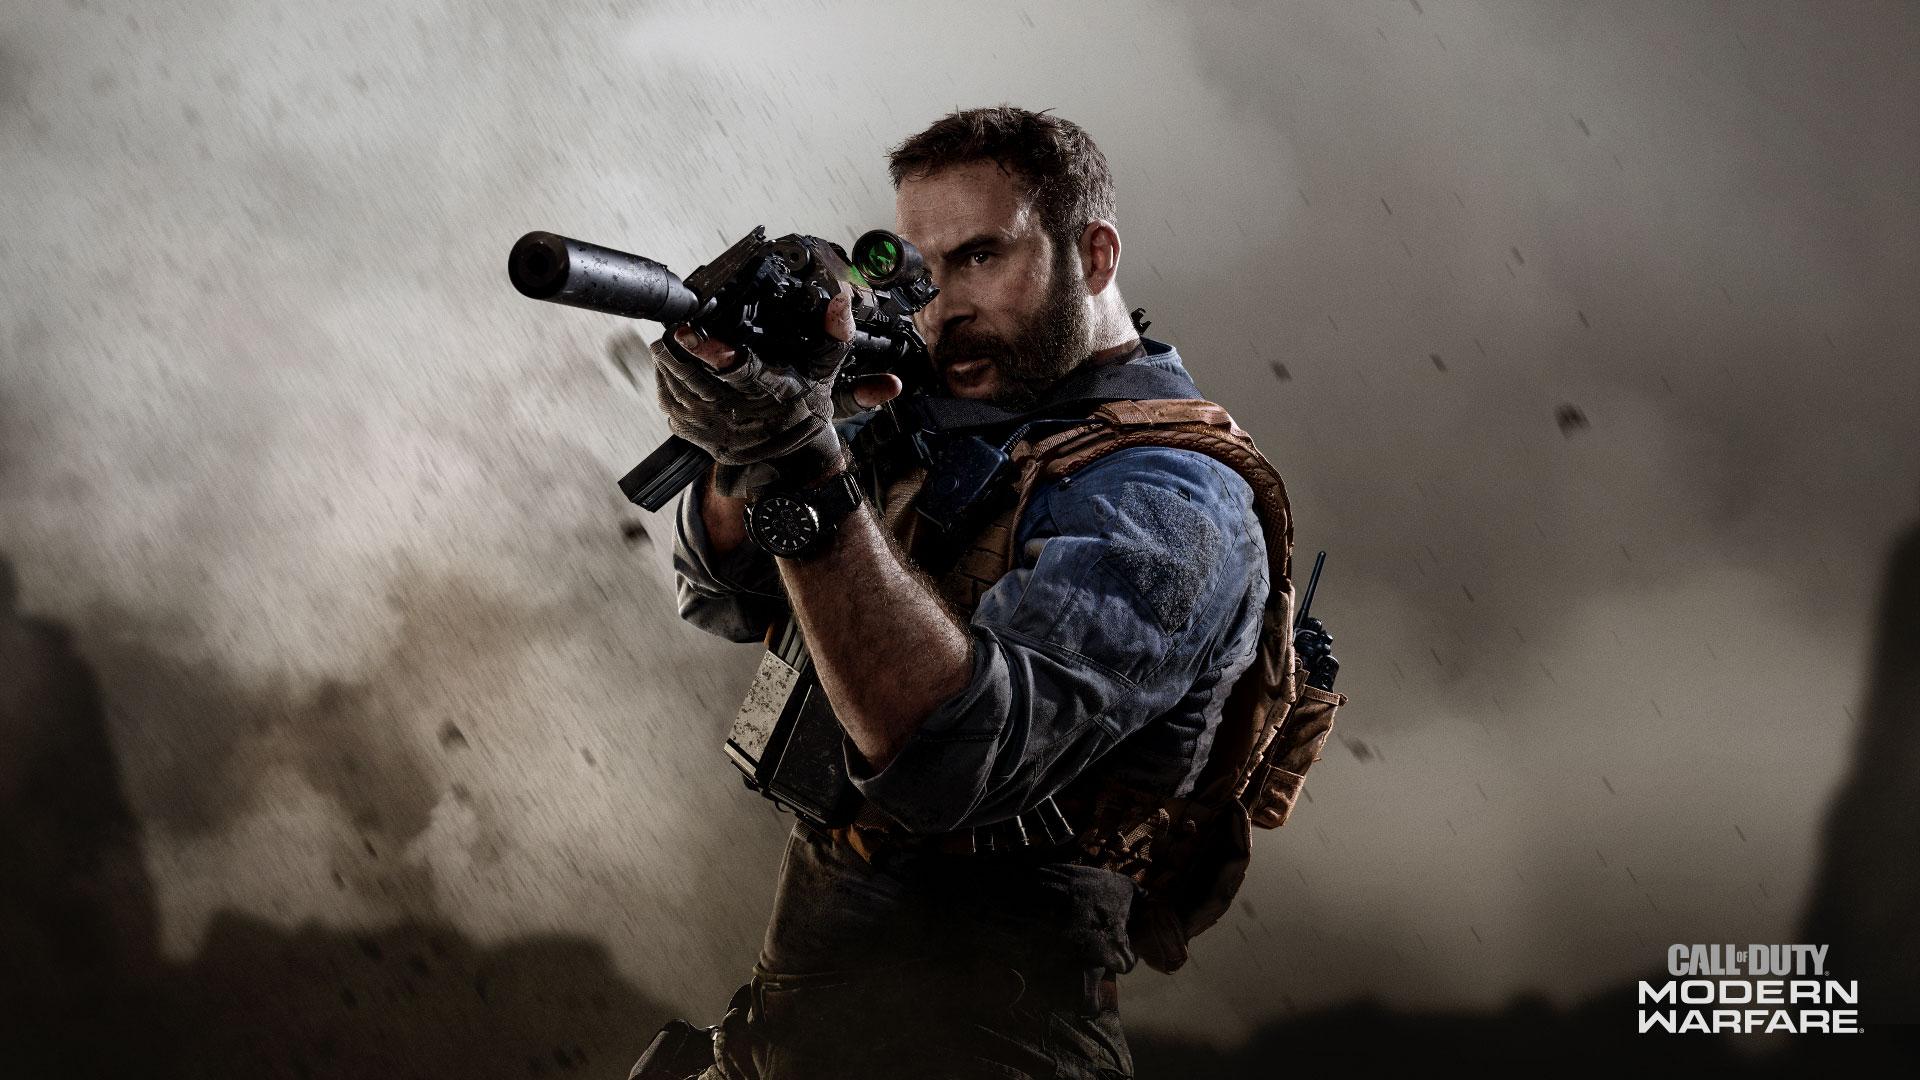 Poznaliśmy szczegóły Call of Duty: Warzone. Spora dawka nowości w gatunku 24